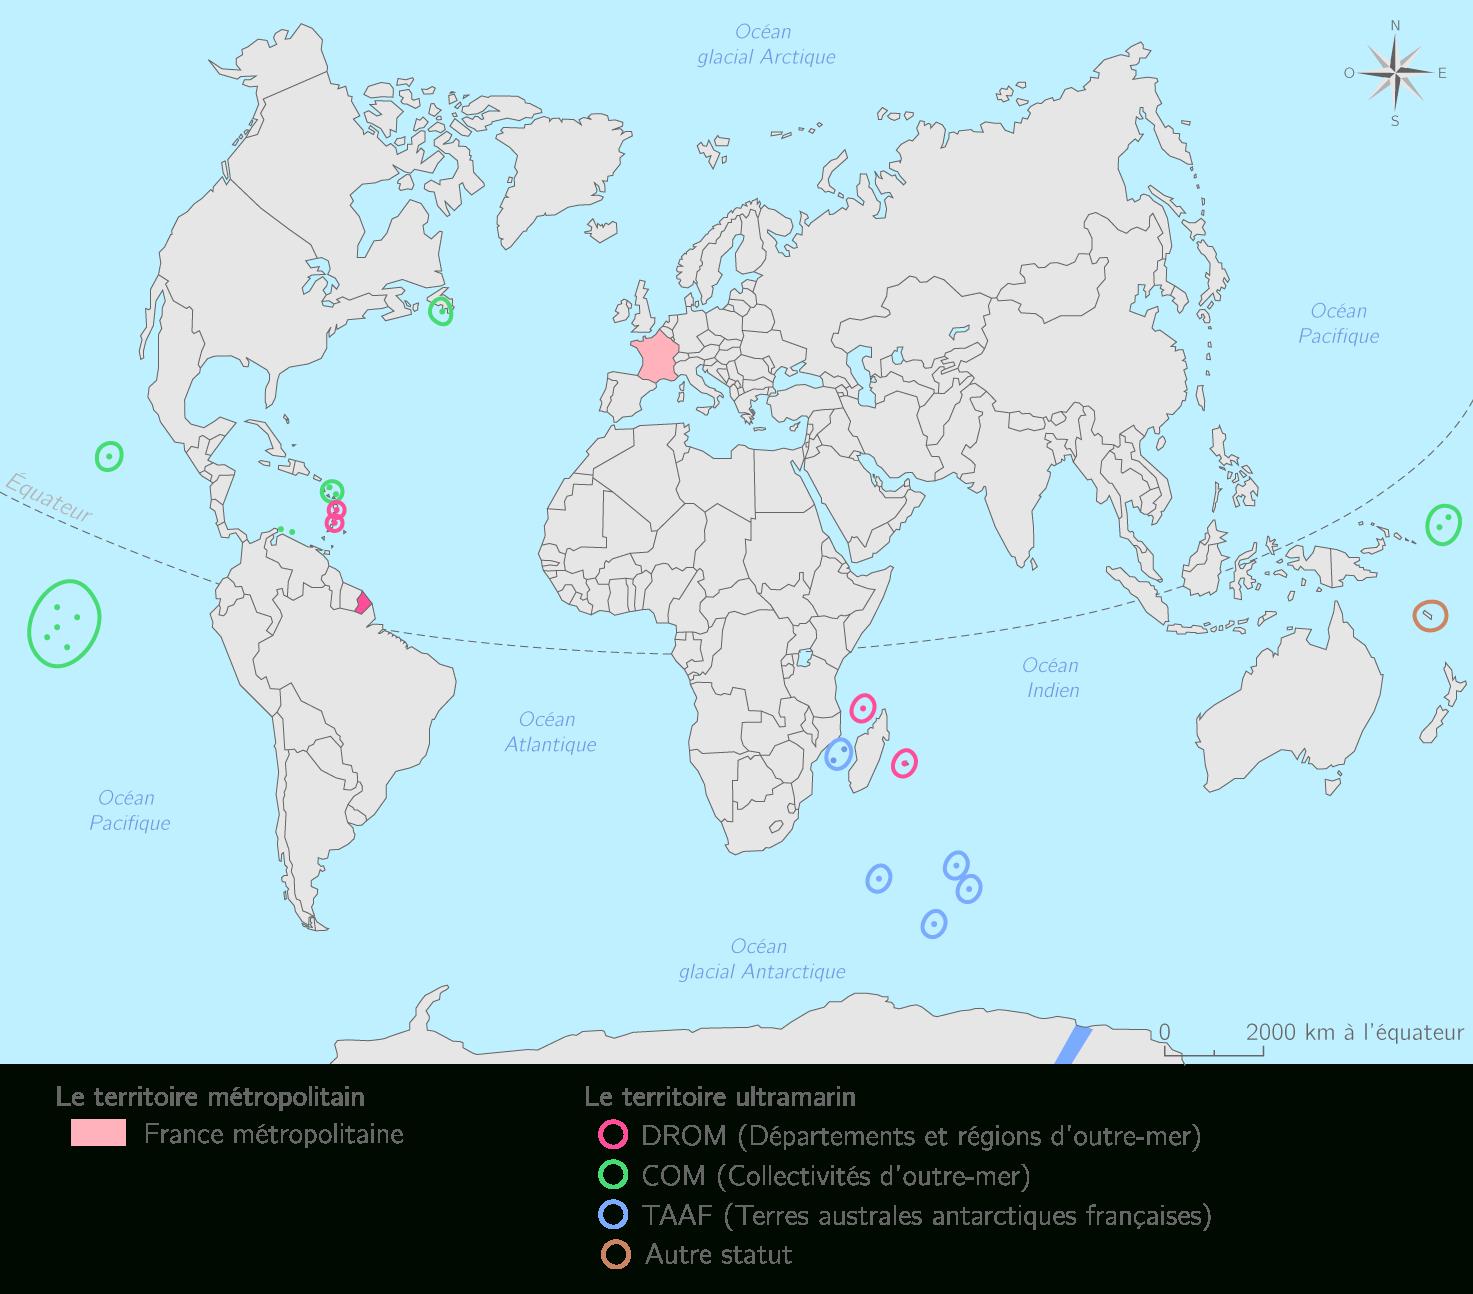 Compléter La Carte Des Territoires Ultramarins Français - 3E destiné France Territoires D Outre Mer